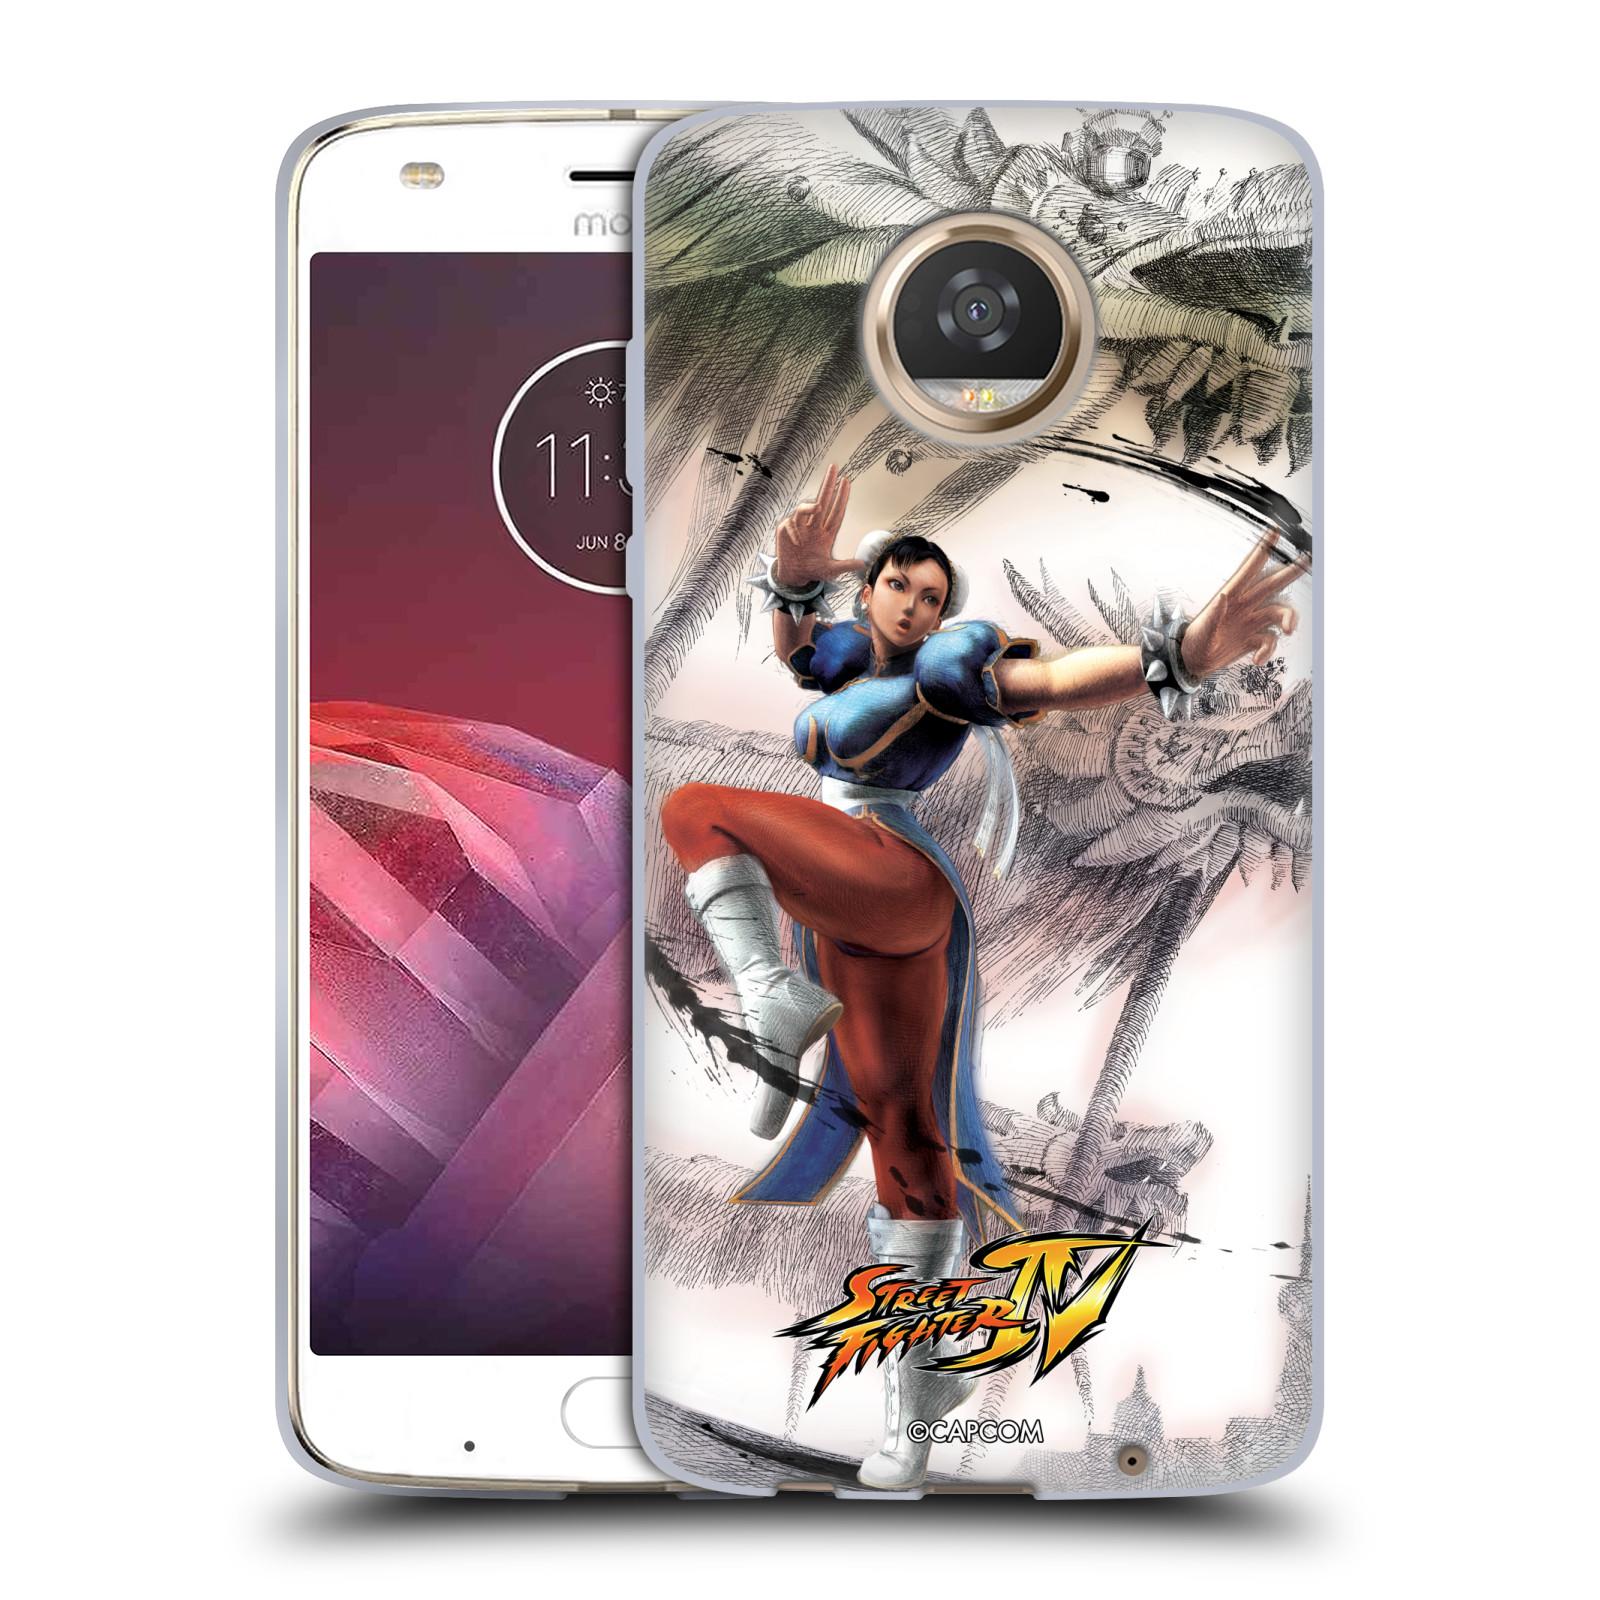 HEAD CASE silikonový obal na mobil Motorola Moto Z2 PLAY oficiální kryt STREET FIGHTER bojovnice Chun-Li kresba